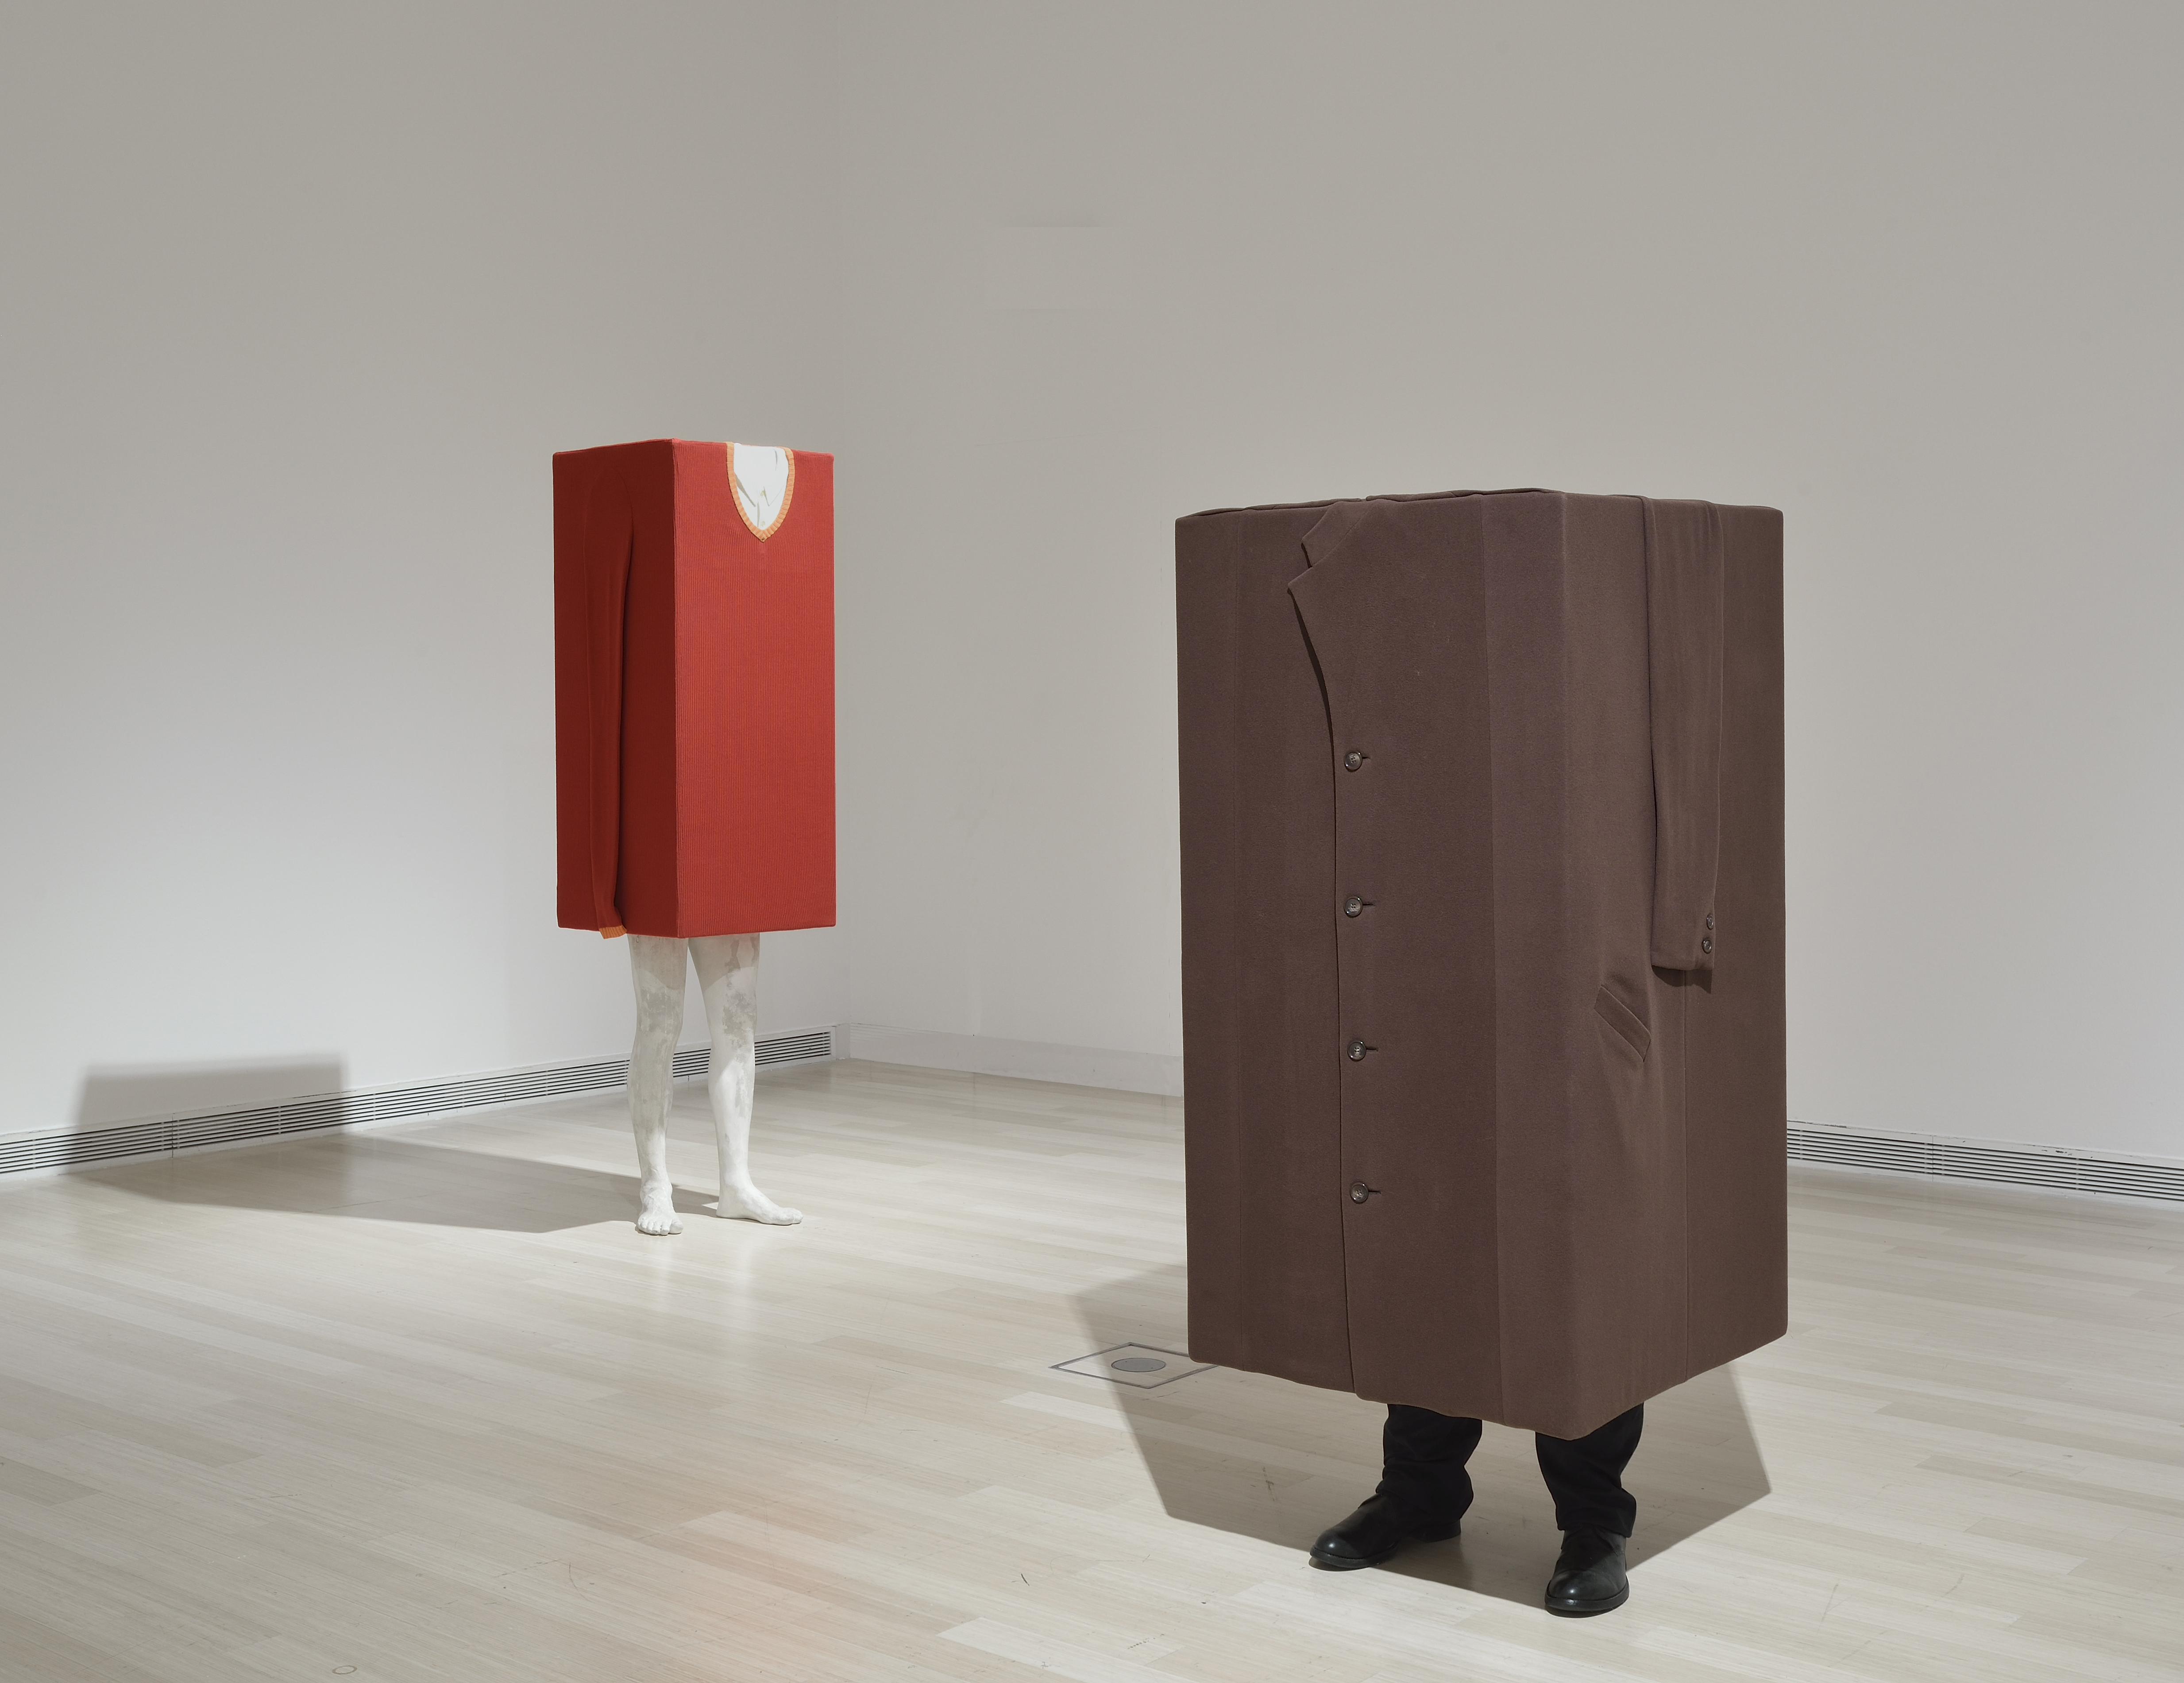 Ezt láthatjuk 2020-ban a budapesti Ludwig Múzeumban